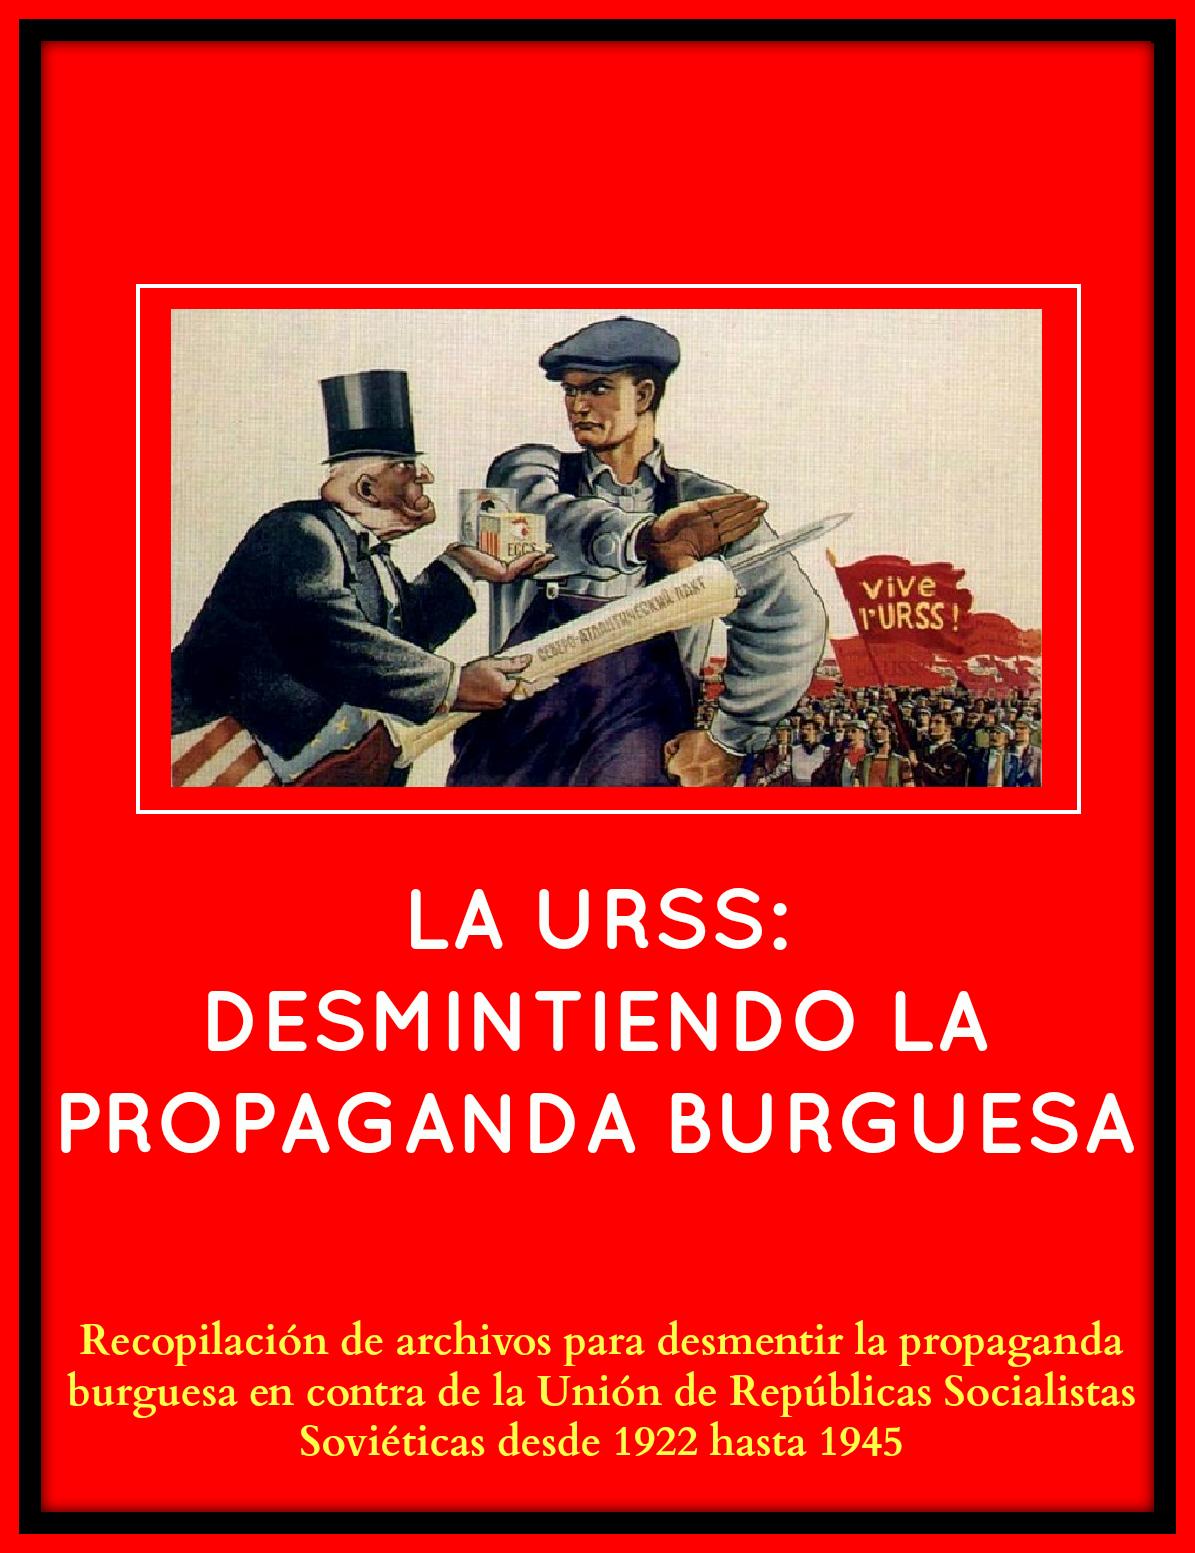 La URSS: desmintiendo la propaganda burguesa 1922-1945 - Colectivo 2 de Febrero - Recopilación de archivos para desmentir la propaganda burguesa en contra de la URSS - formato pdf PORTADA